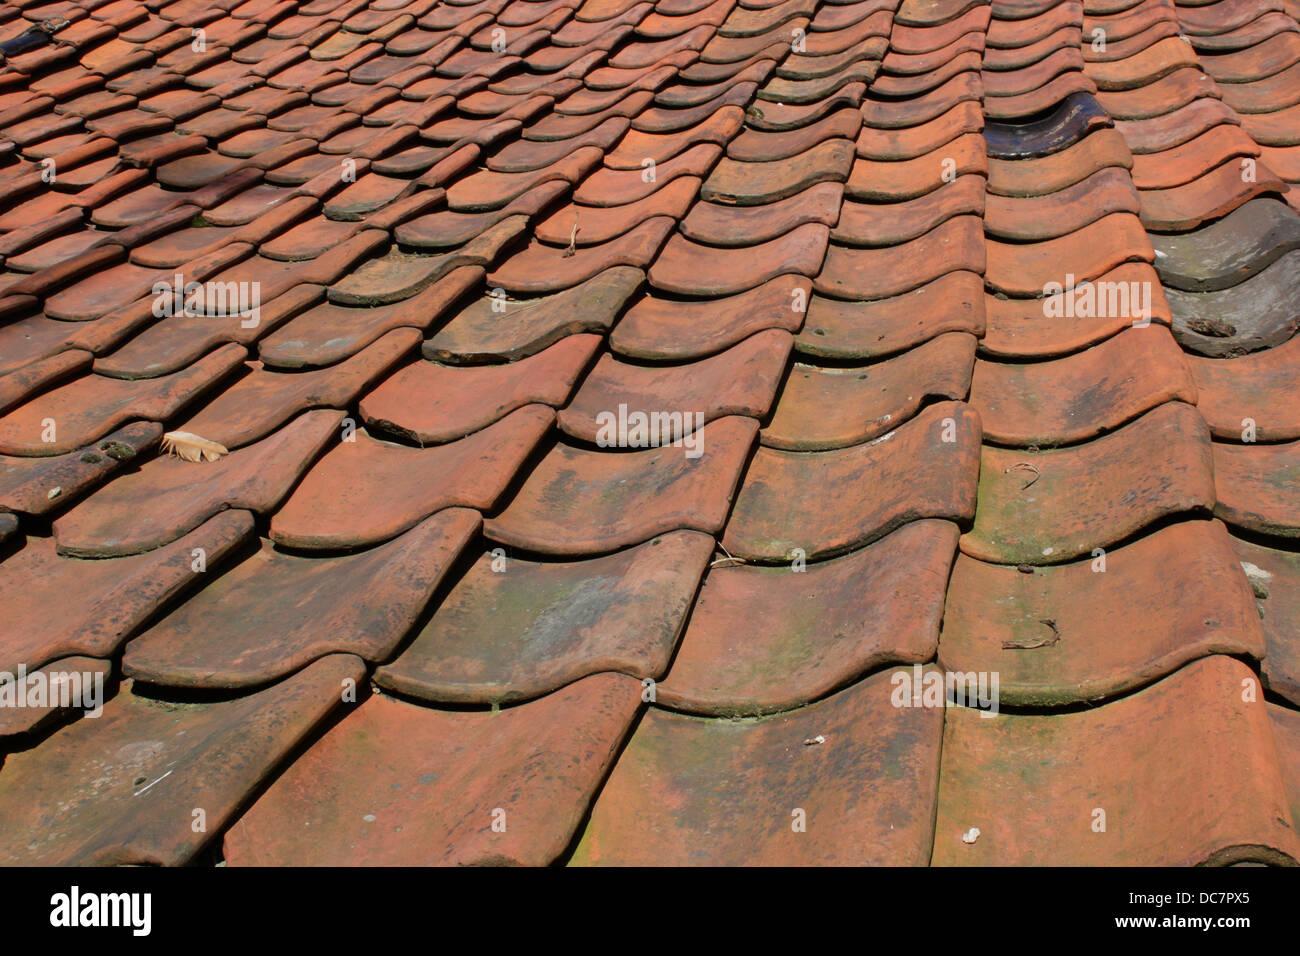 red roof tiles stockfotos red roof tiles bilder alamy. Black Bedroom Furniture Sets. Home Design Ideas